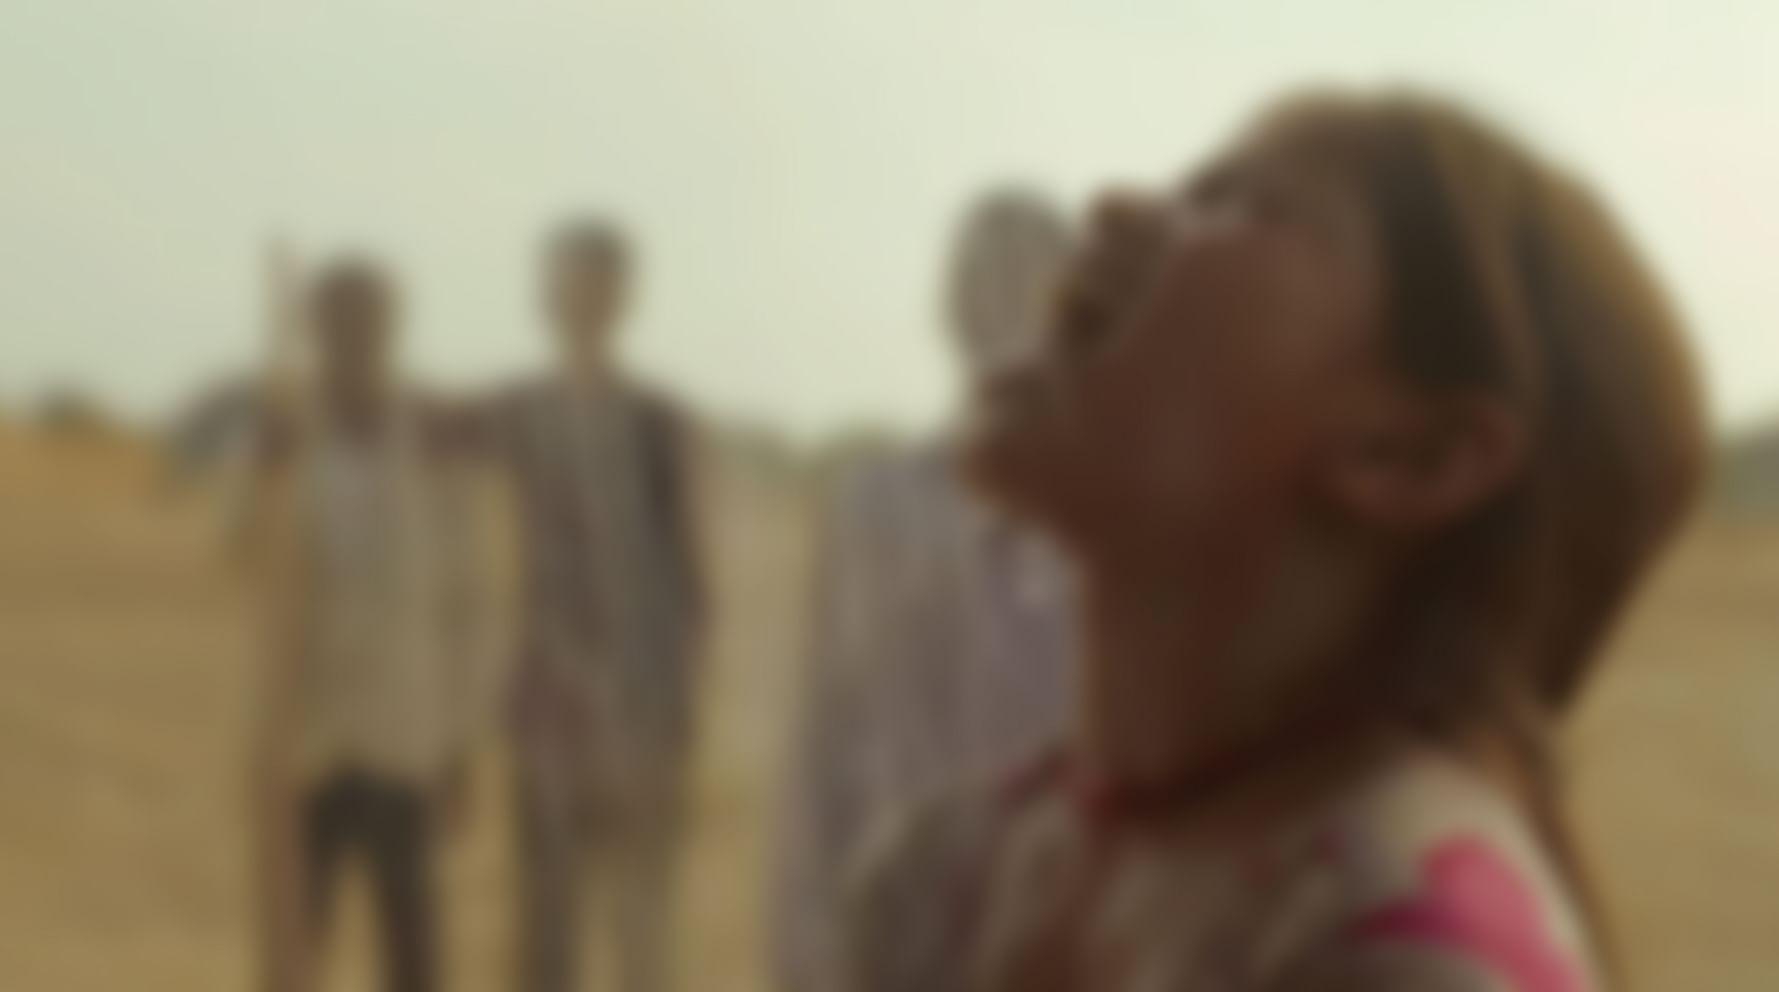 Ogilvy's Kainaz Karmarkar & Harshad Rajadhyaksha, and Baudhayyan Mukherjee of Little Lamb Films